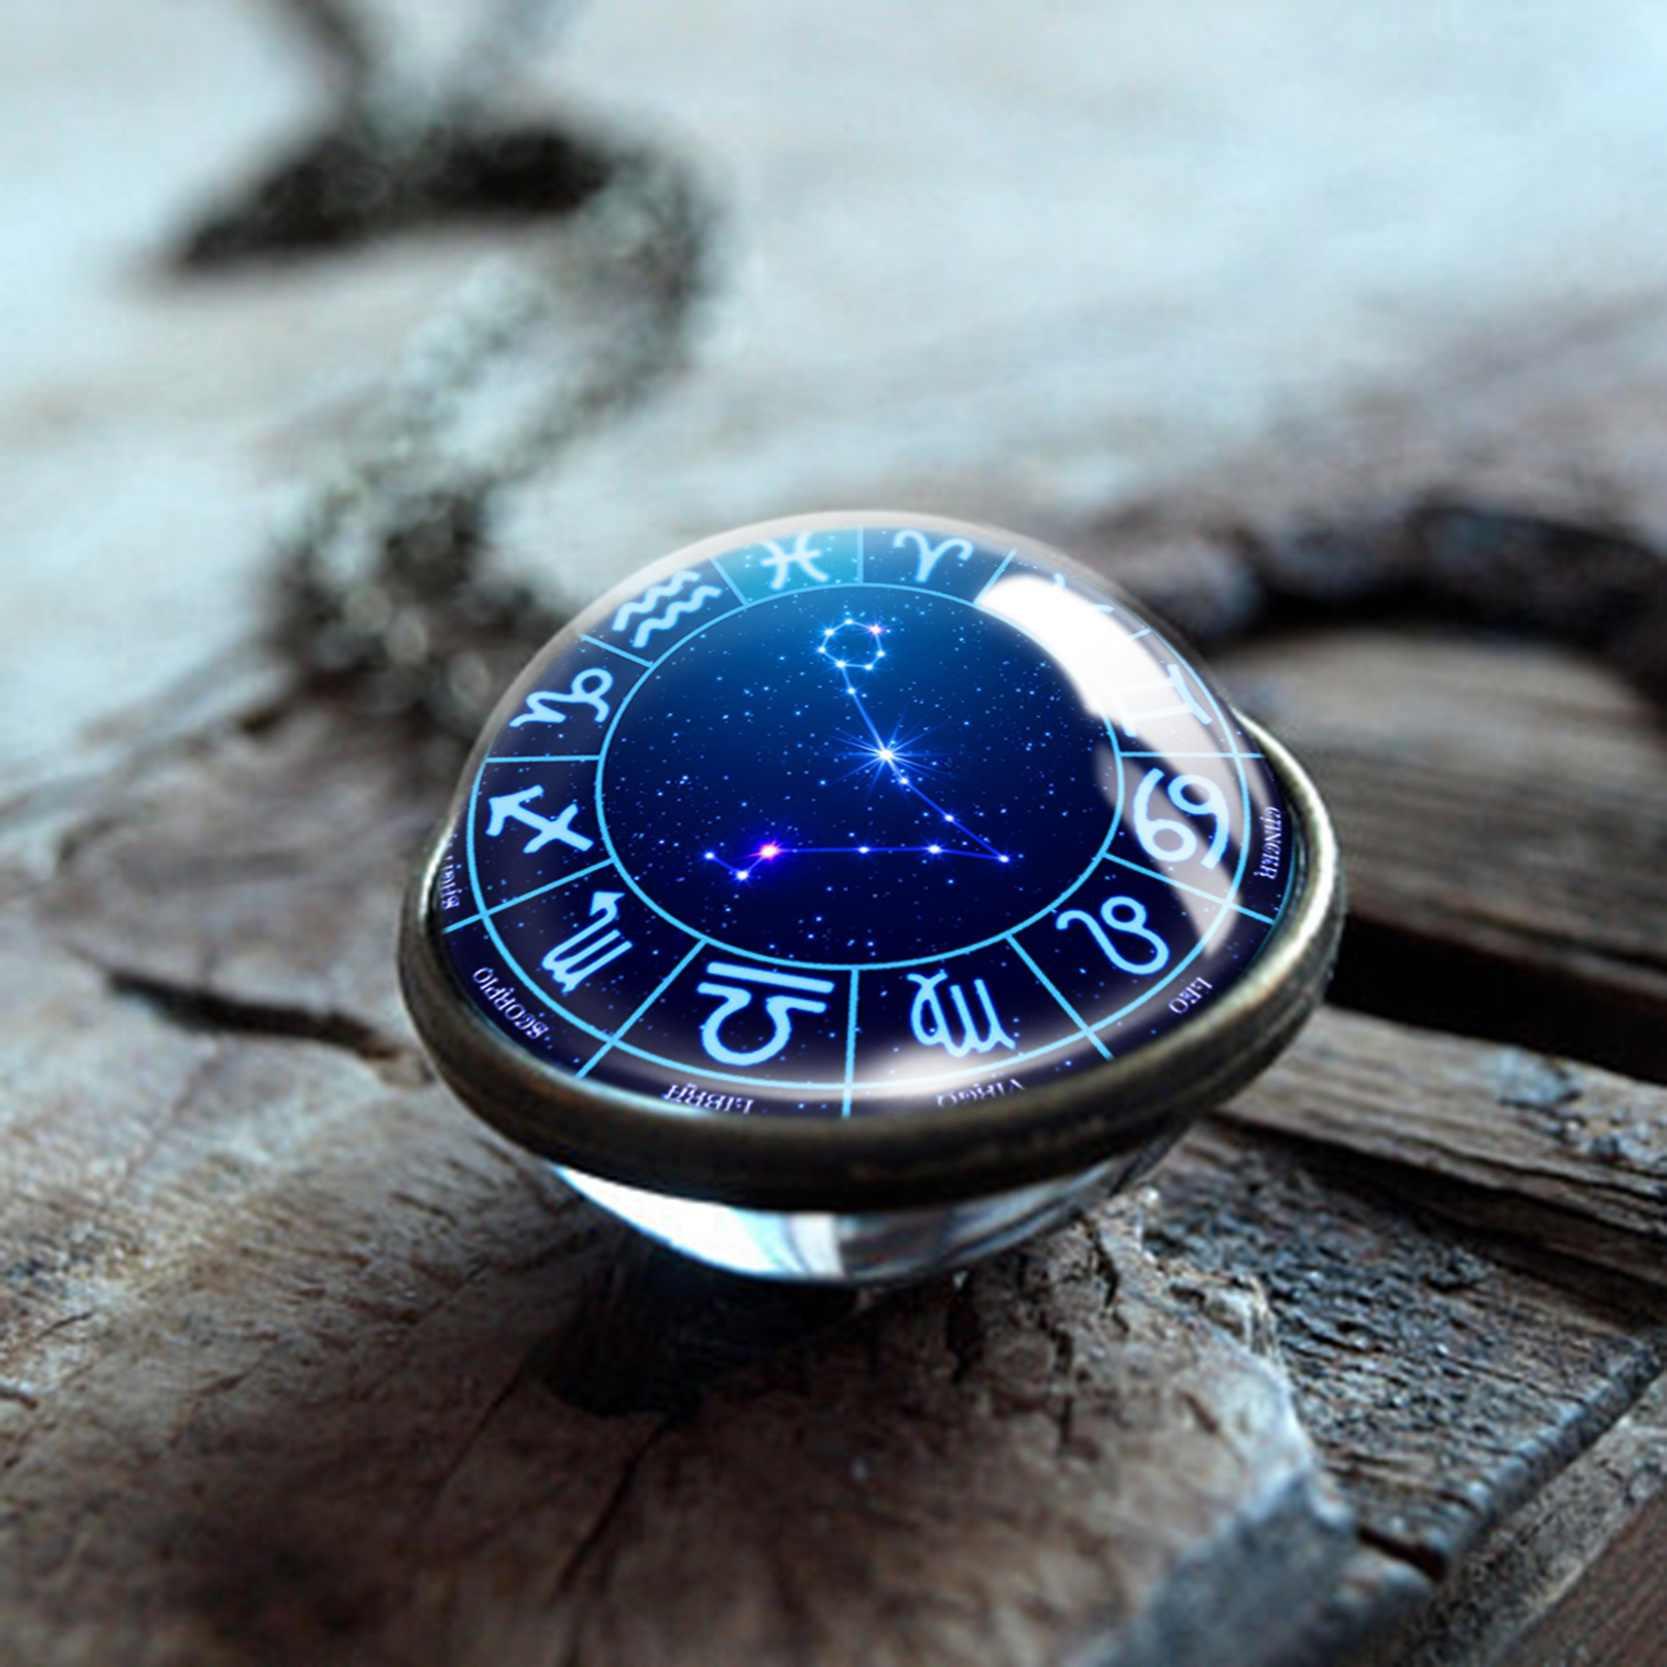 12 คู่จี้สร้อยคอ LEO Virgo Taurus Gemini สร้อยคอราศีพิจิก 12 Constellations ผู้ชายผู้หญิงเครื่องประดับ